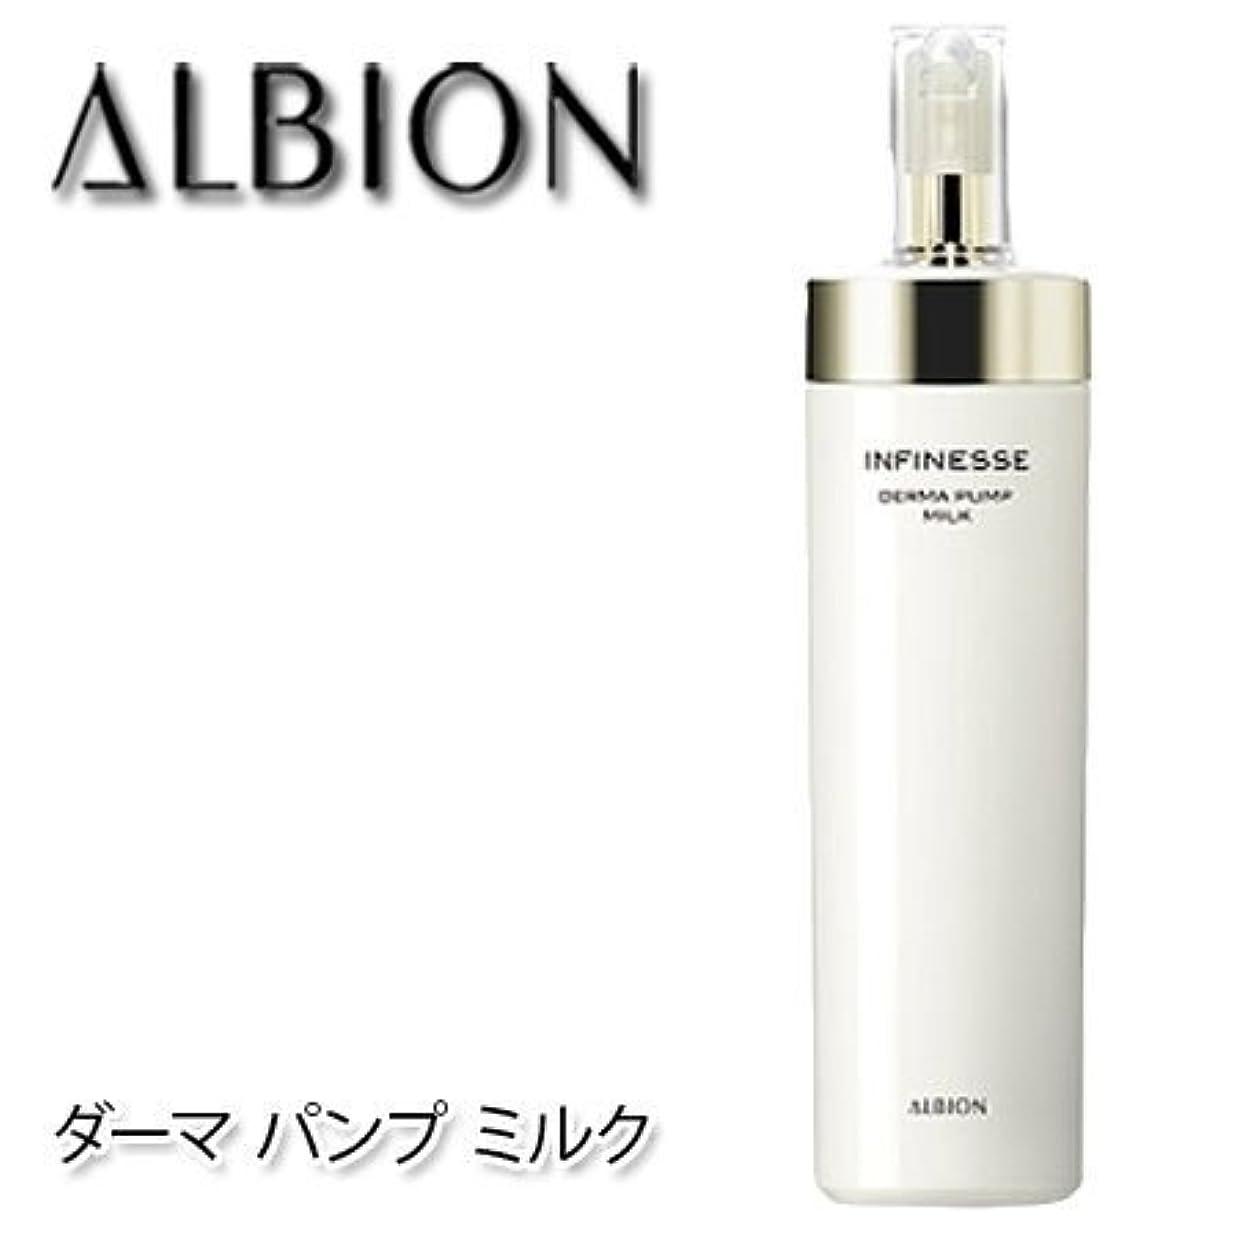 信頼できる流星発症アルビオン アンフィネス ダーマ パンプ ミルク 200g-ALBION-